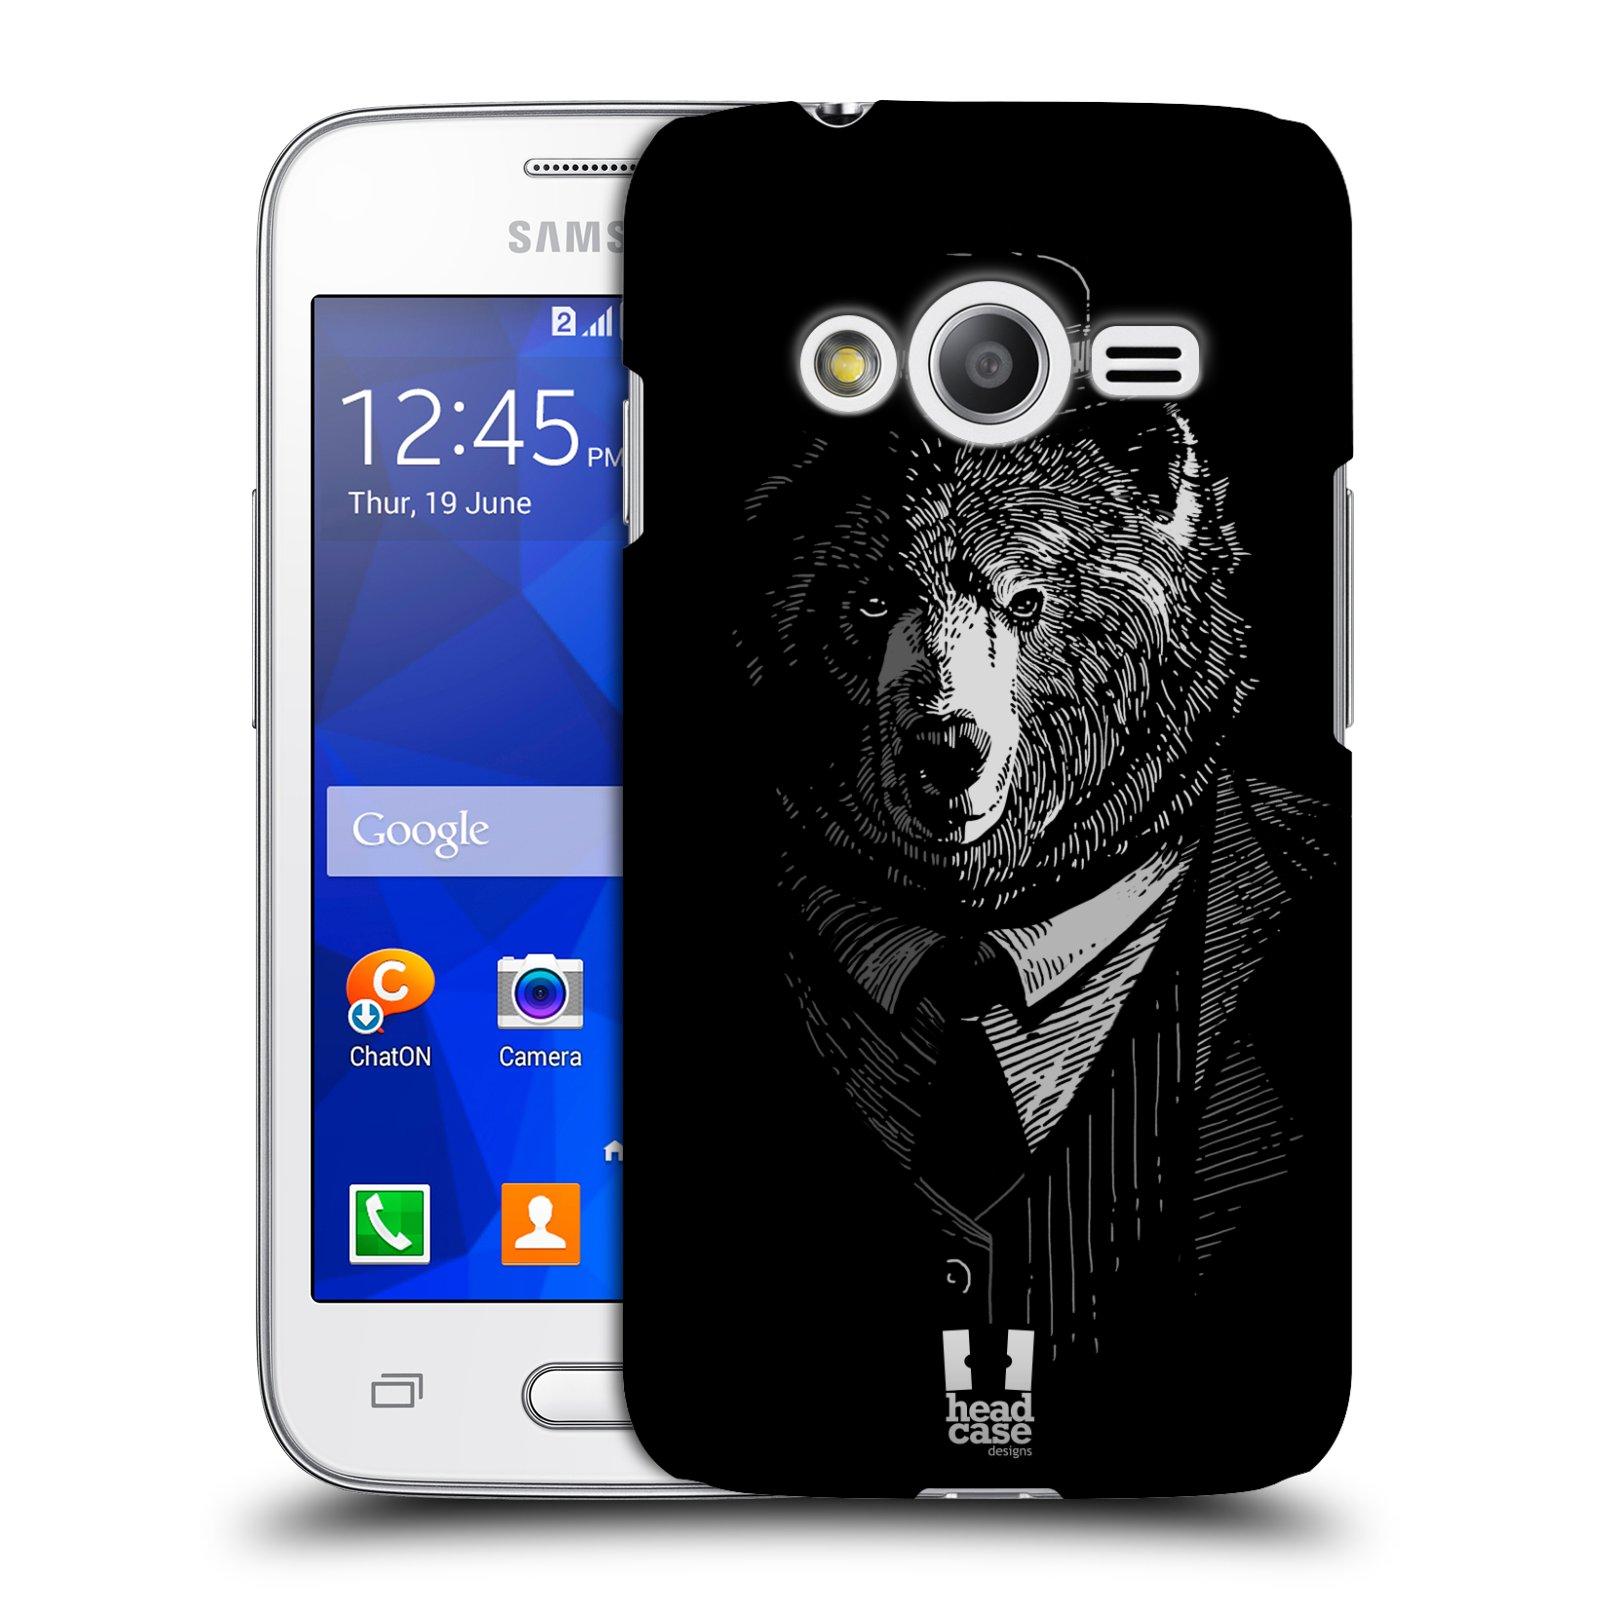 Plastové pouzdro na mobil Samsung Galaxy Trend 2 Lite HEAD CASE MEDVĚD V KVÁDRU (Kryt či obal na mobilní telefon Samsung Galaxy Trend 2 Lite SM-G318)